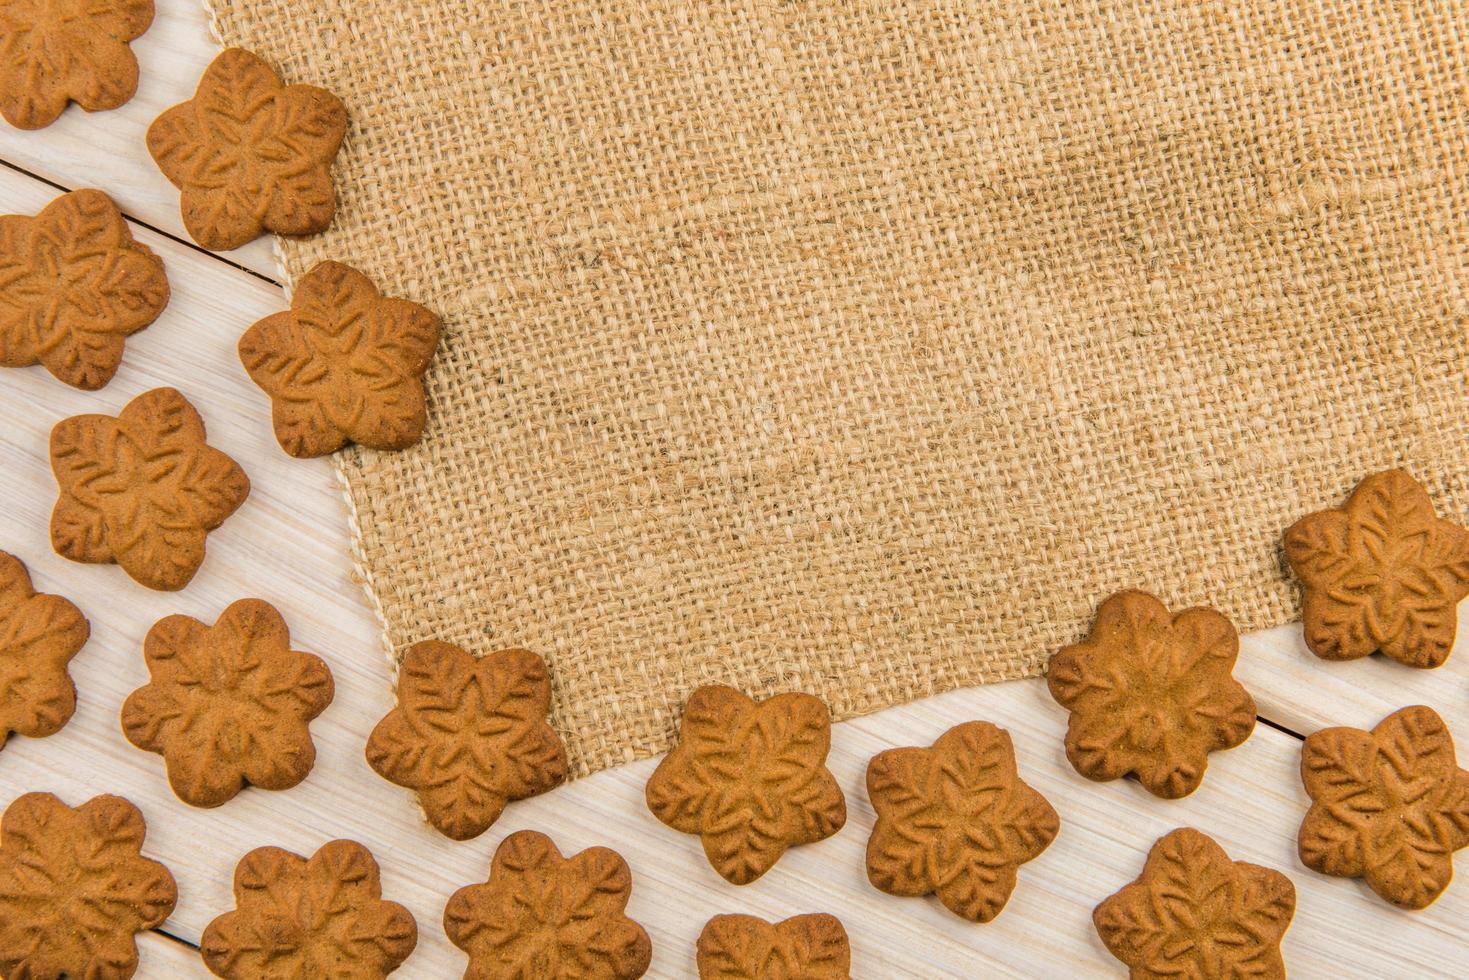 biscuits de pain d'épice de flocon de neige avec un sac photo